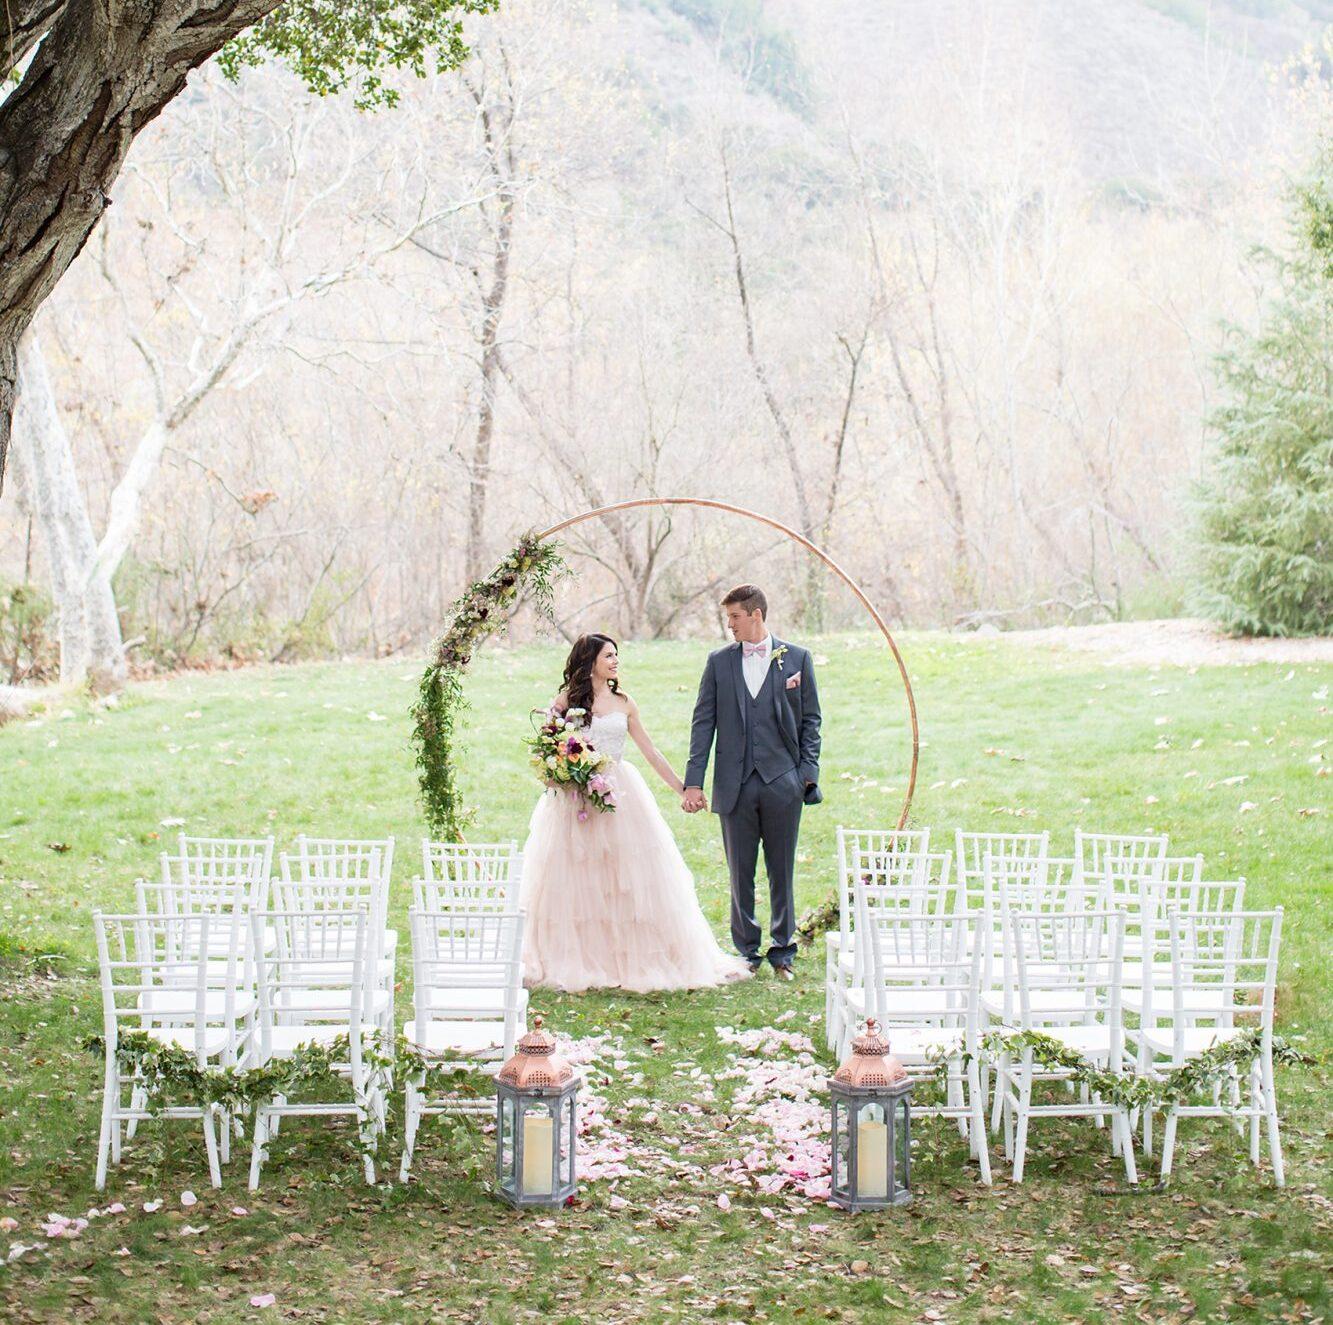 Svatební obřad bez starostí